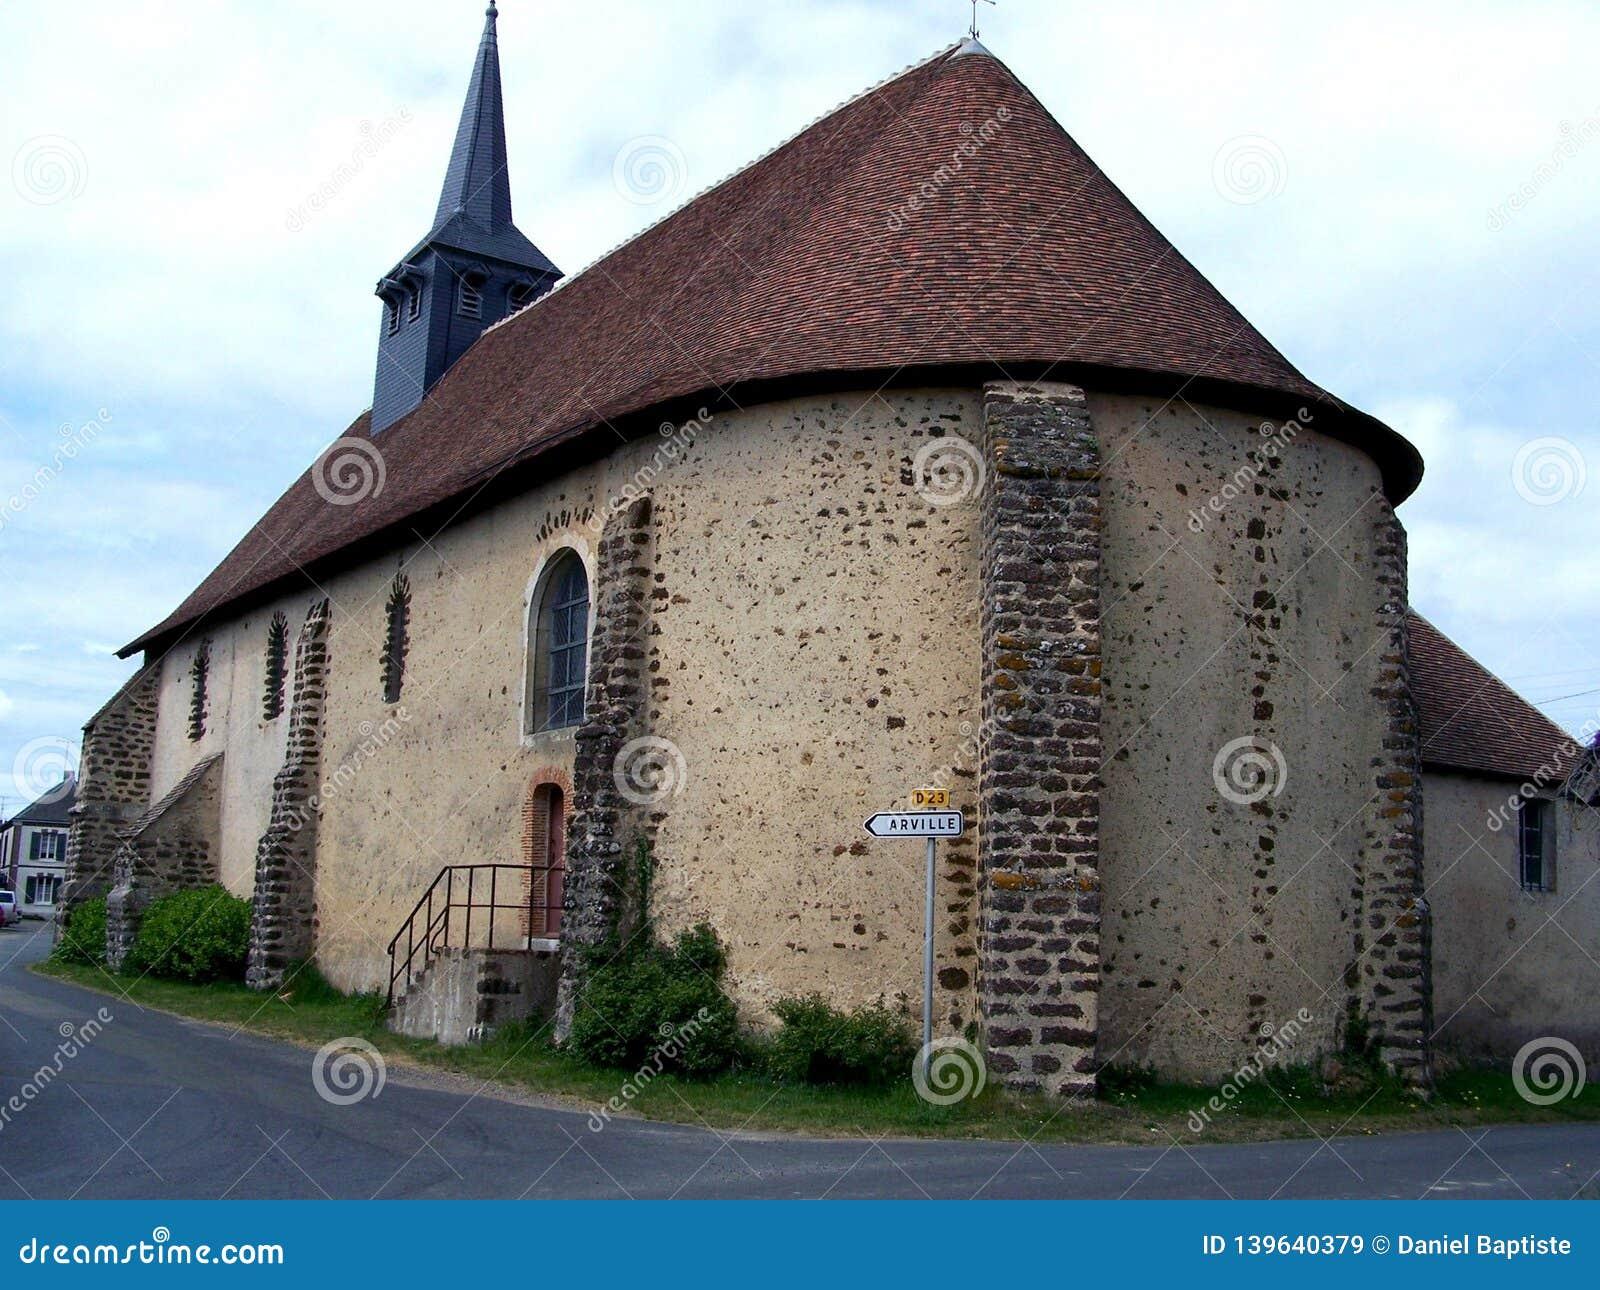 Église, une petite église dans un village dans la campagne, loir et cher, France